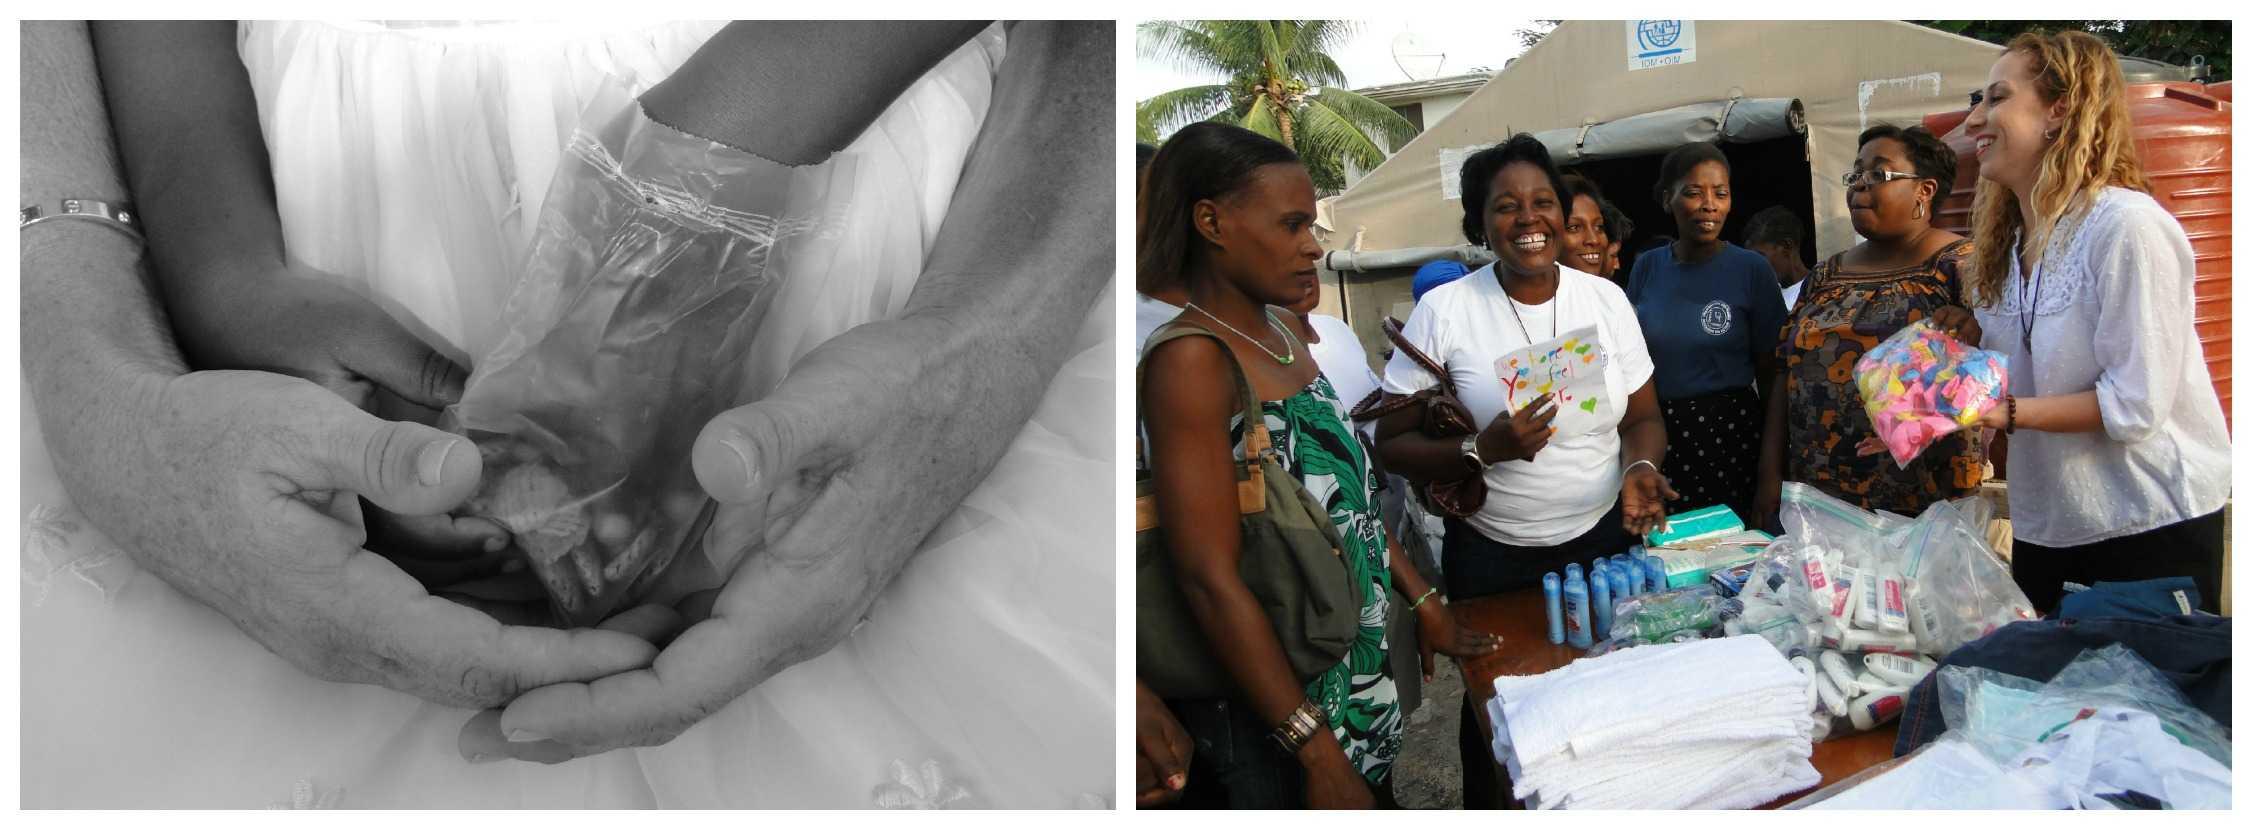 Helping women in Haiti